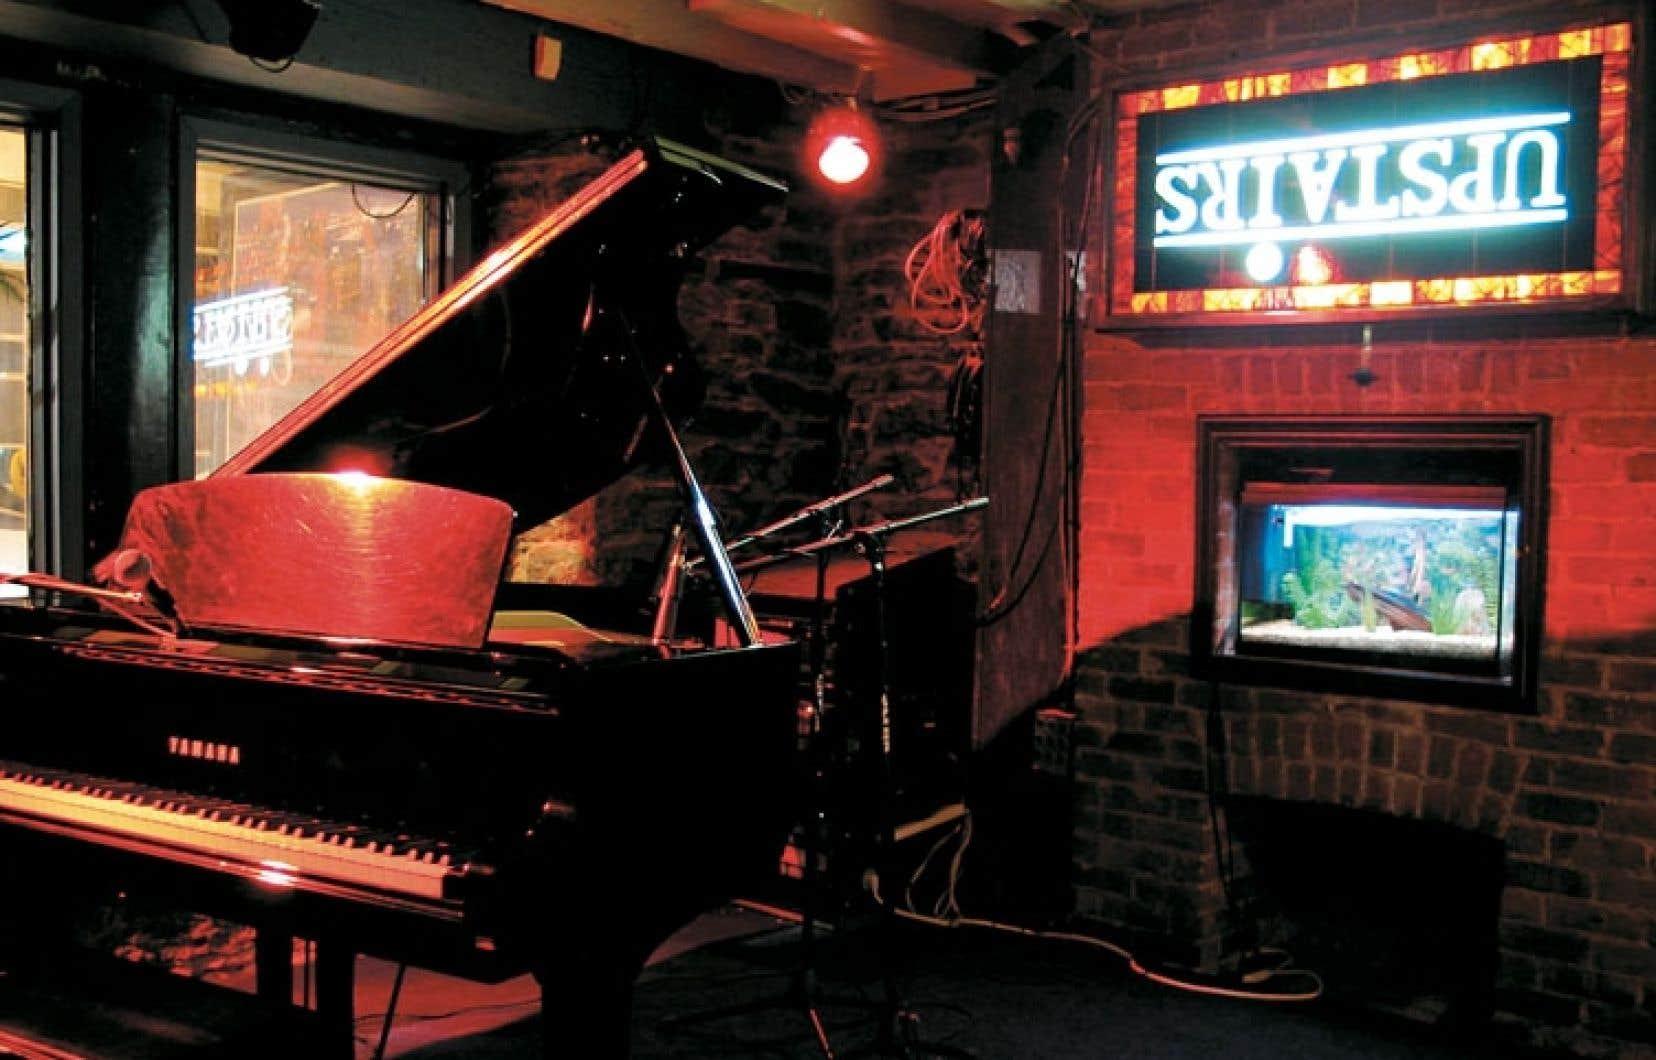 L'Upstairs figure parmi les 50 meilleurs clubs de jazz recensés par le magazine spécialisé Down Beat.